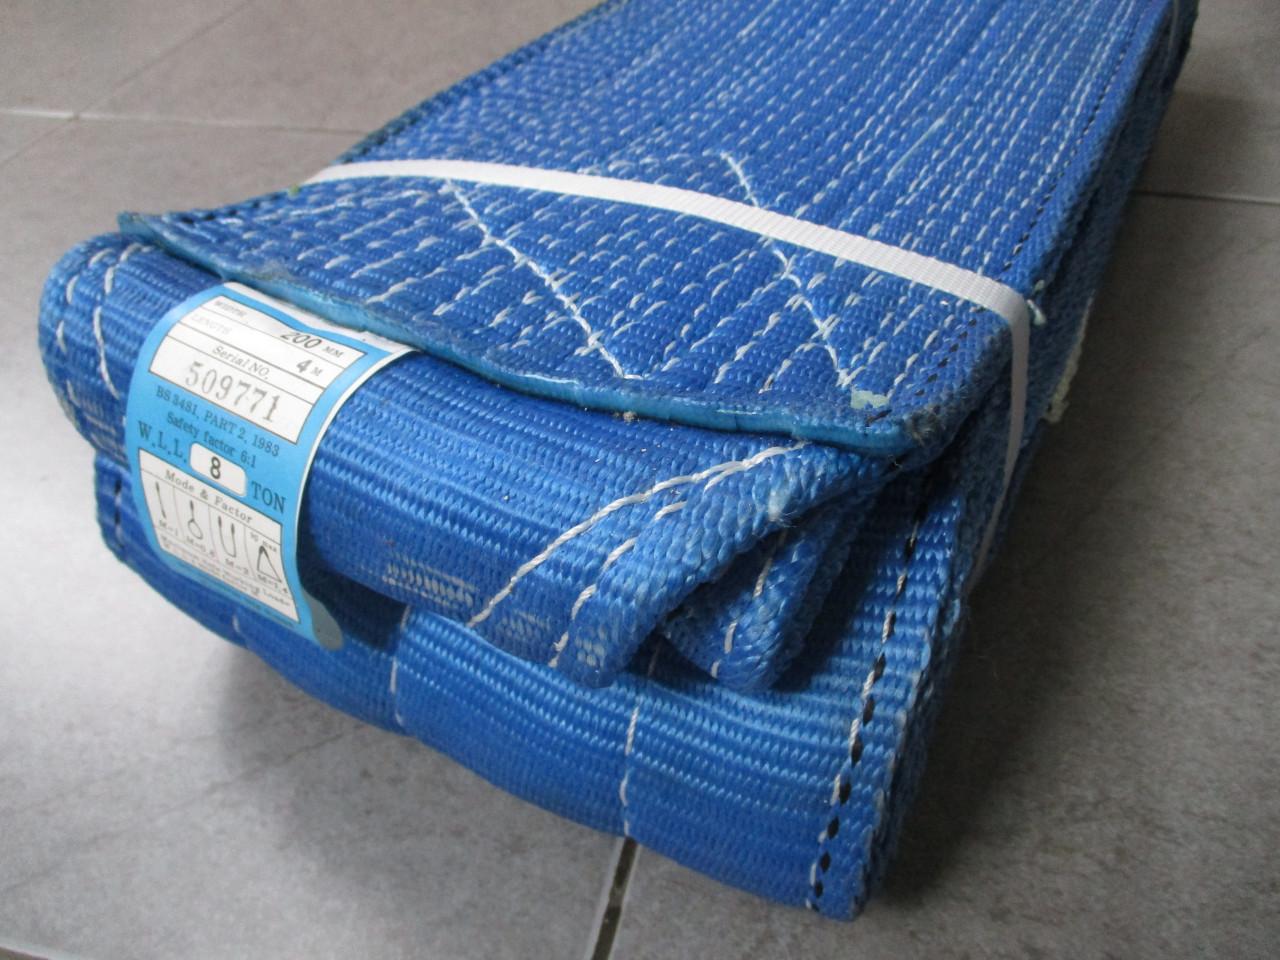 Dây cáp vải cẩu hàng Hàn Quốc, Dây cáp vải cẩu hàng, cáp vải cẩu hàng, cáp vải, cáp cẩu vải, mua cáp vải cẩu hàng Hàn Quốc, công ty TNHH Lê Hà Vina, Lê Hà Vina